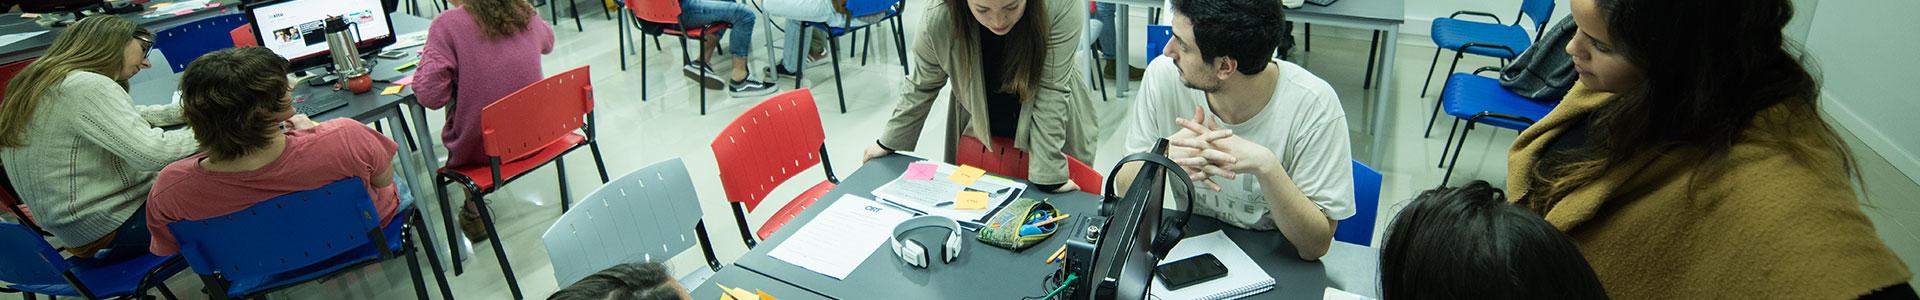 Estudiantes - Comunicación y Diseño - Universidad ORT Uruguay